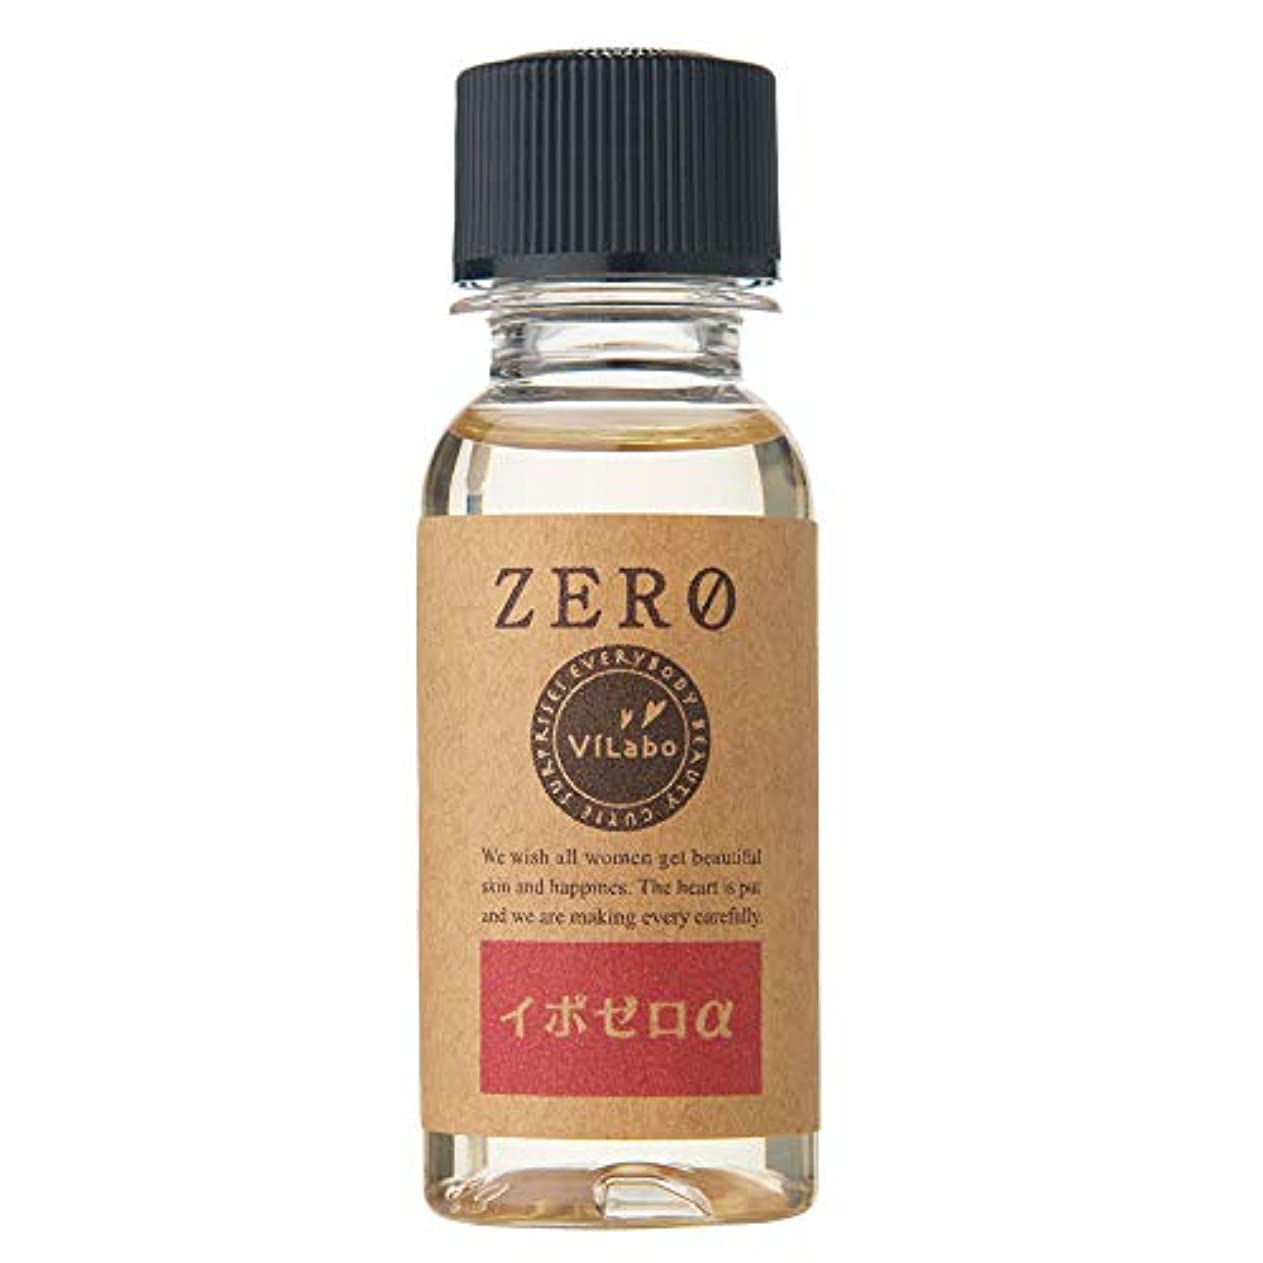 環境保護主義者用量一ViLabo ビラボ イポゼロα (エクストラA&H) 30ml ピーリング 先行美容液 ヨクイニンエキス